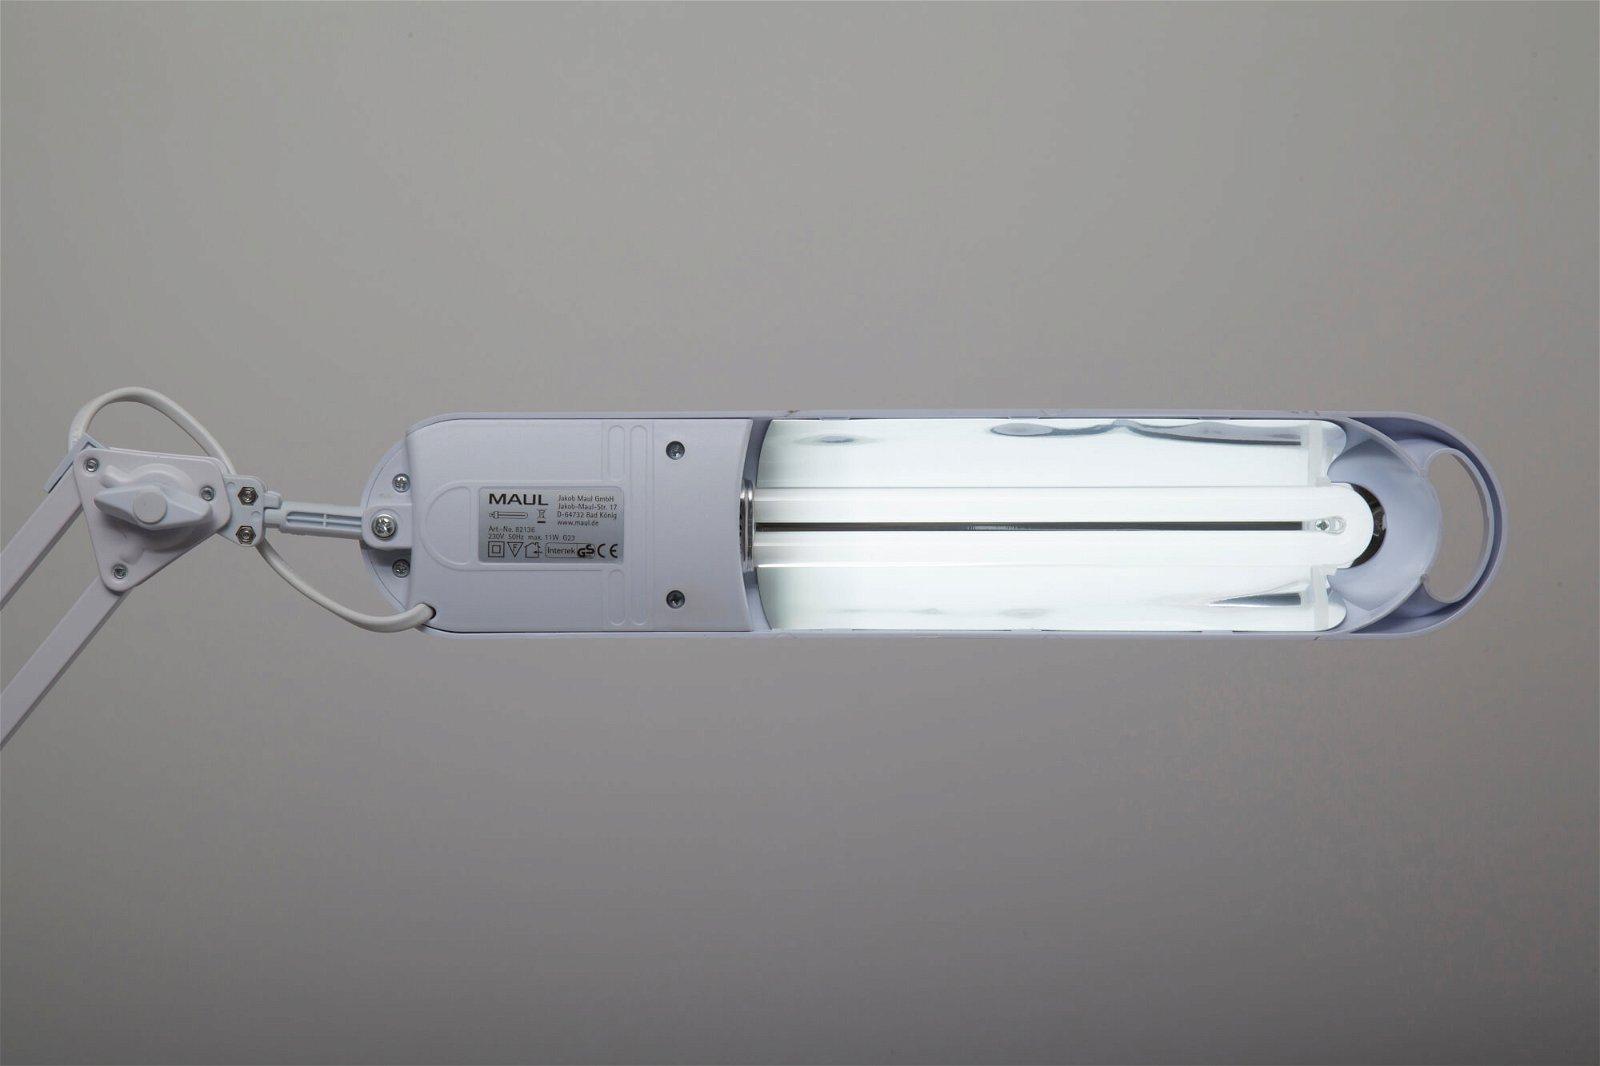 Energiespar-Tischleuchte MAULatlantic, mit Standfuß, weiß